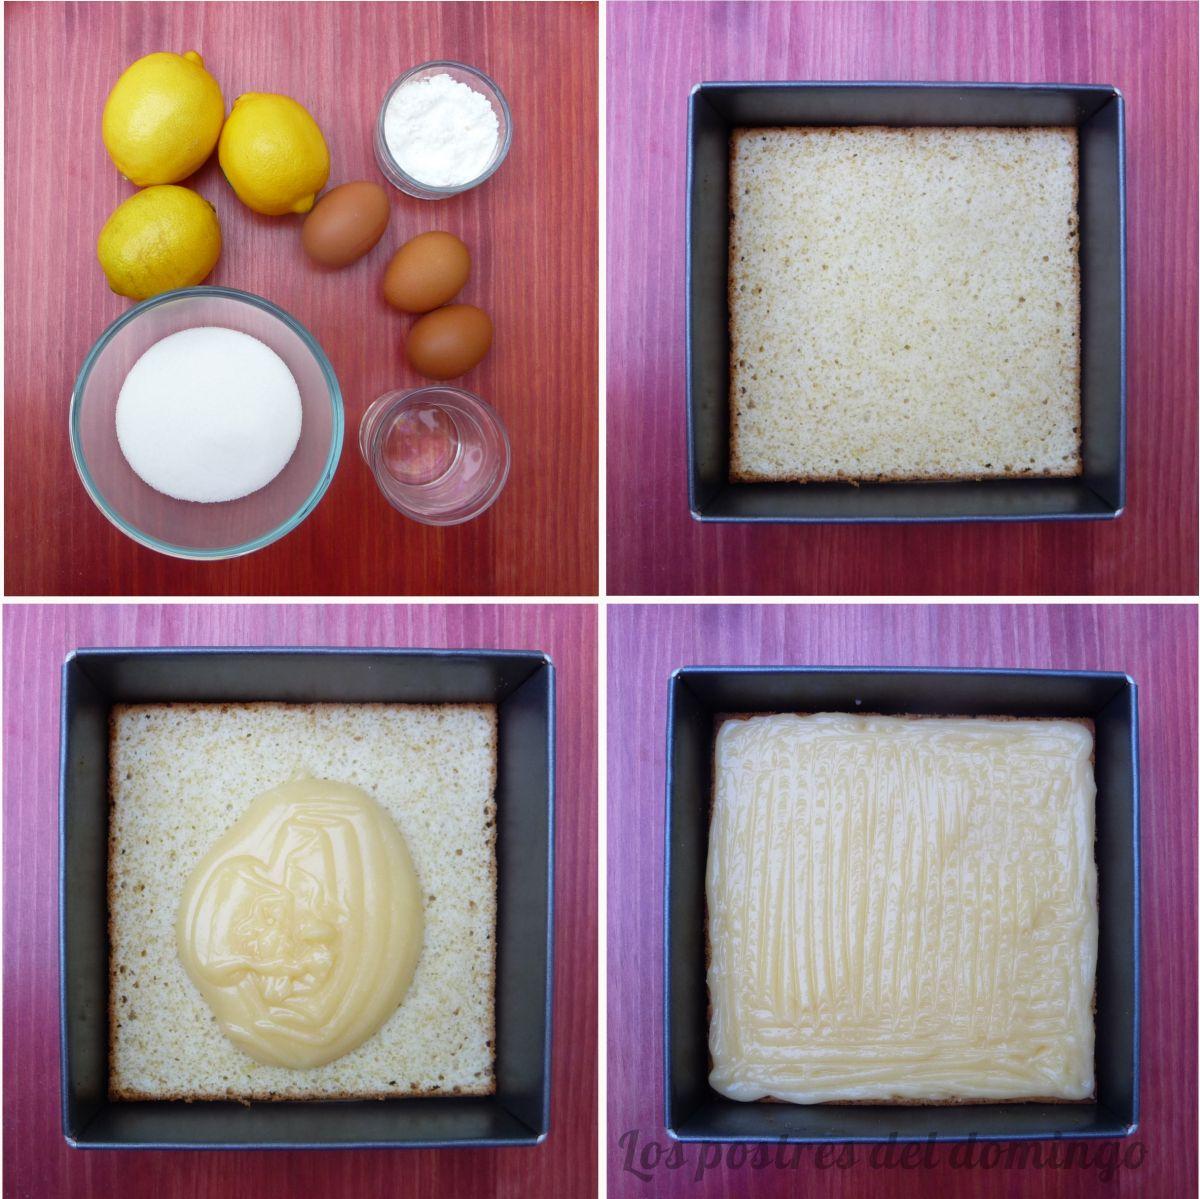 Tarta de limón y piña montaje